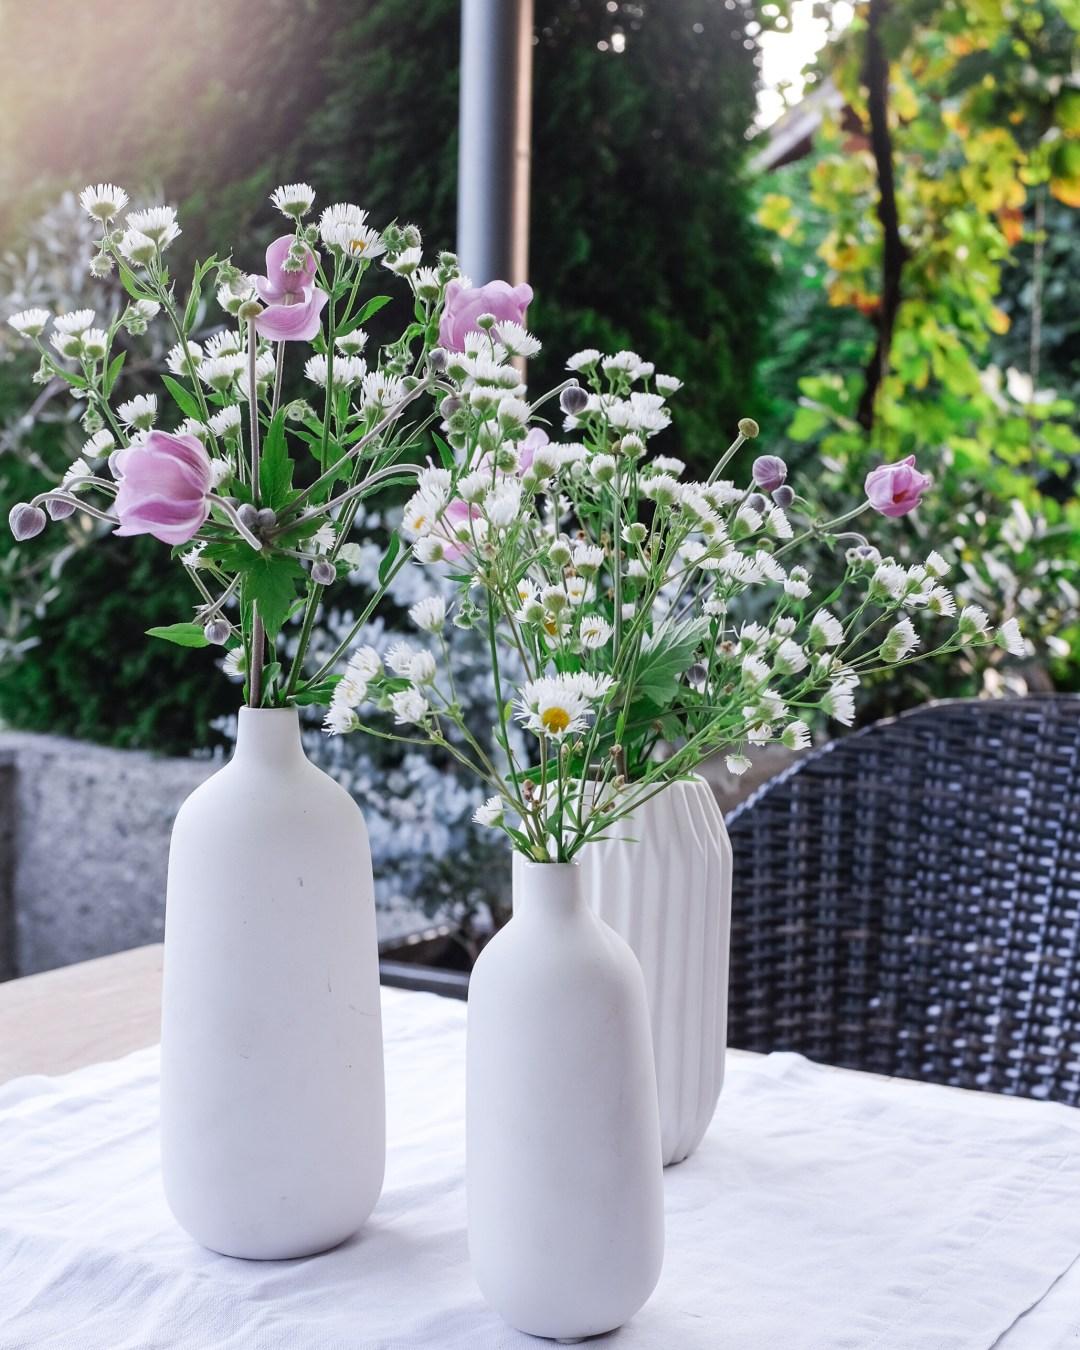 inastil, tomaten, feigen, mein Garten, erste Ernte, Gartenfrüchte, Sommerabend, Nektarinenkuchn, Sommerzeit, Ü50Blogger, Rezept-13